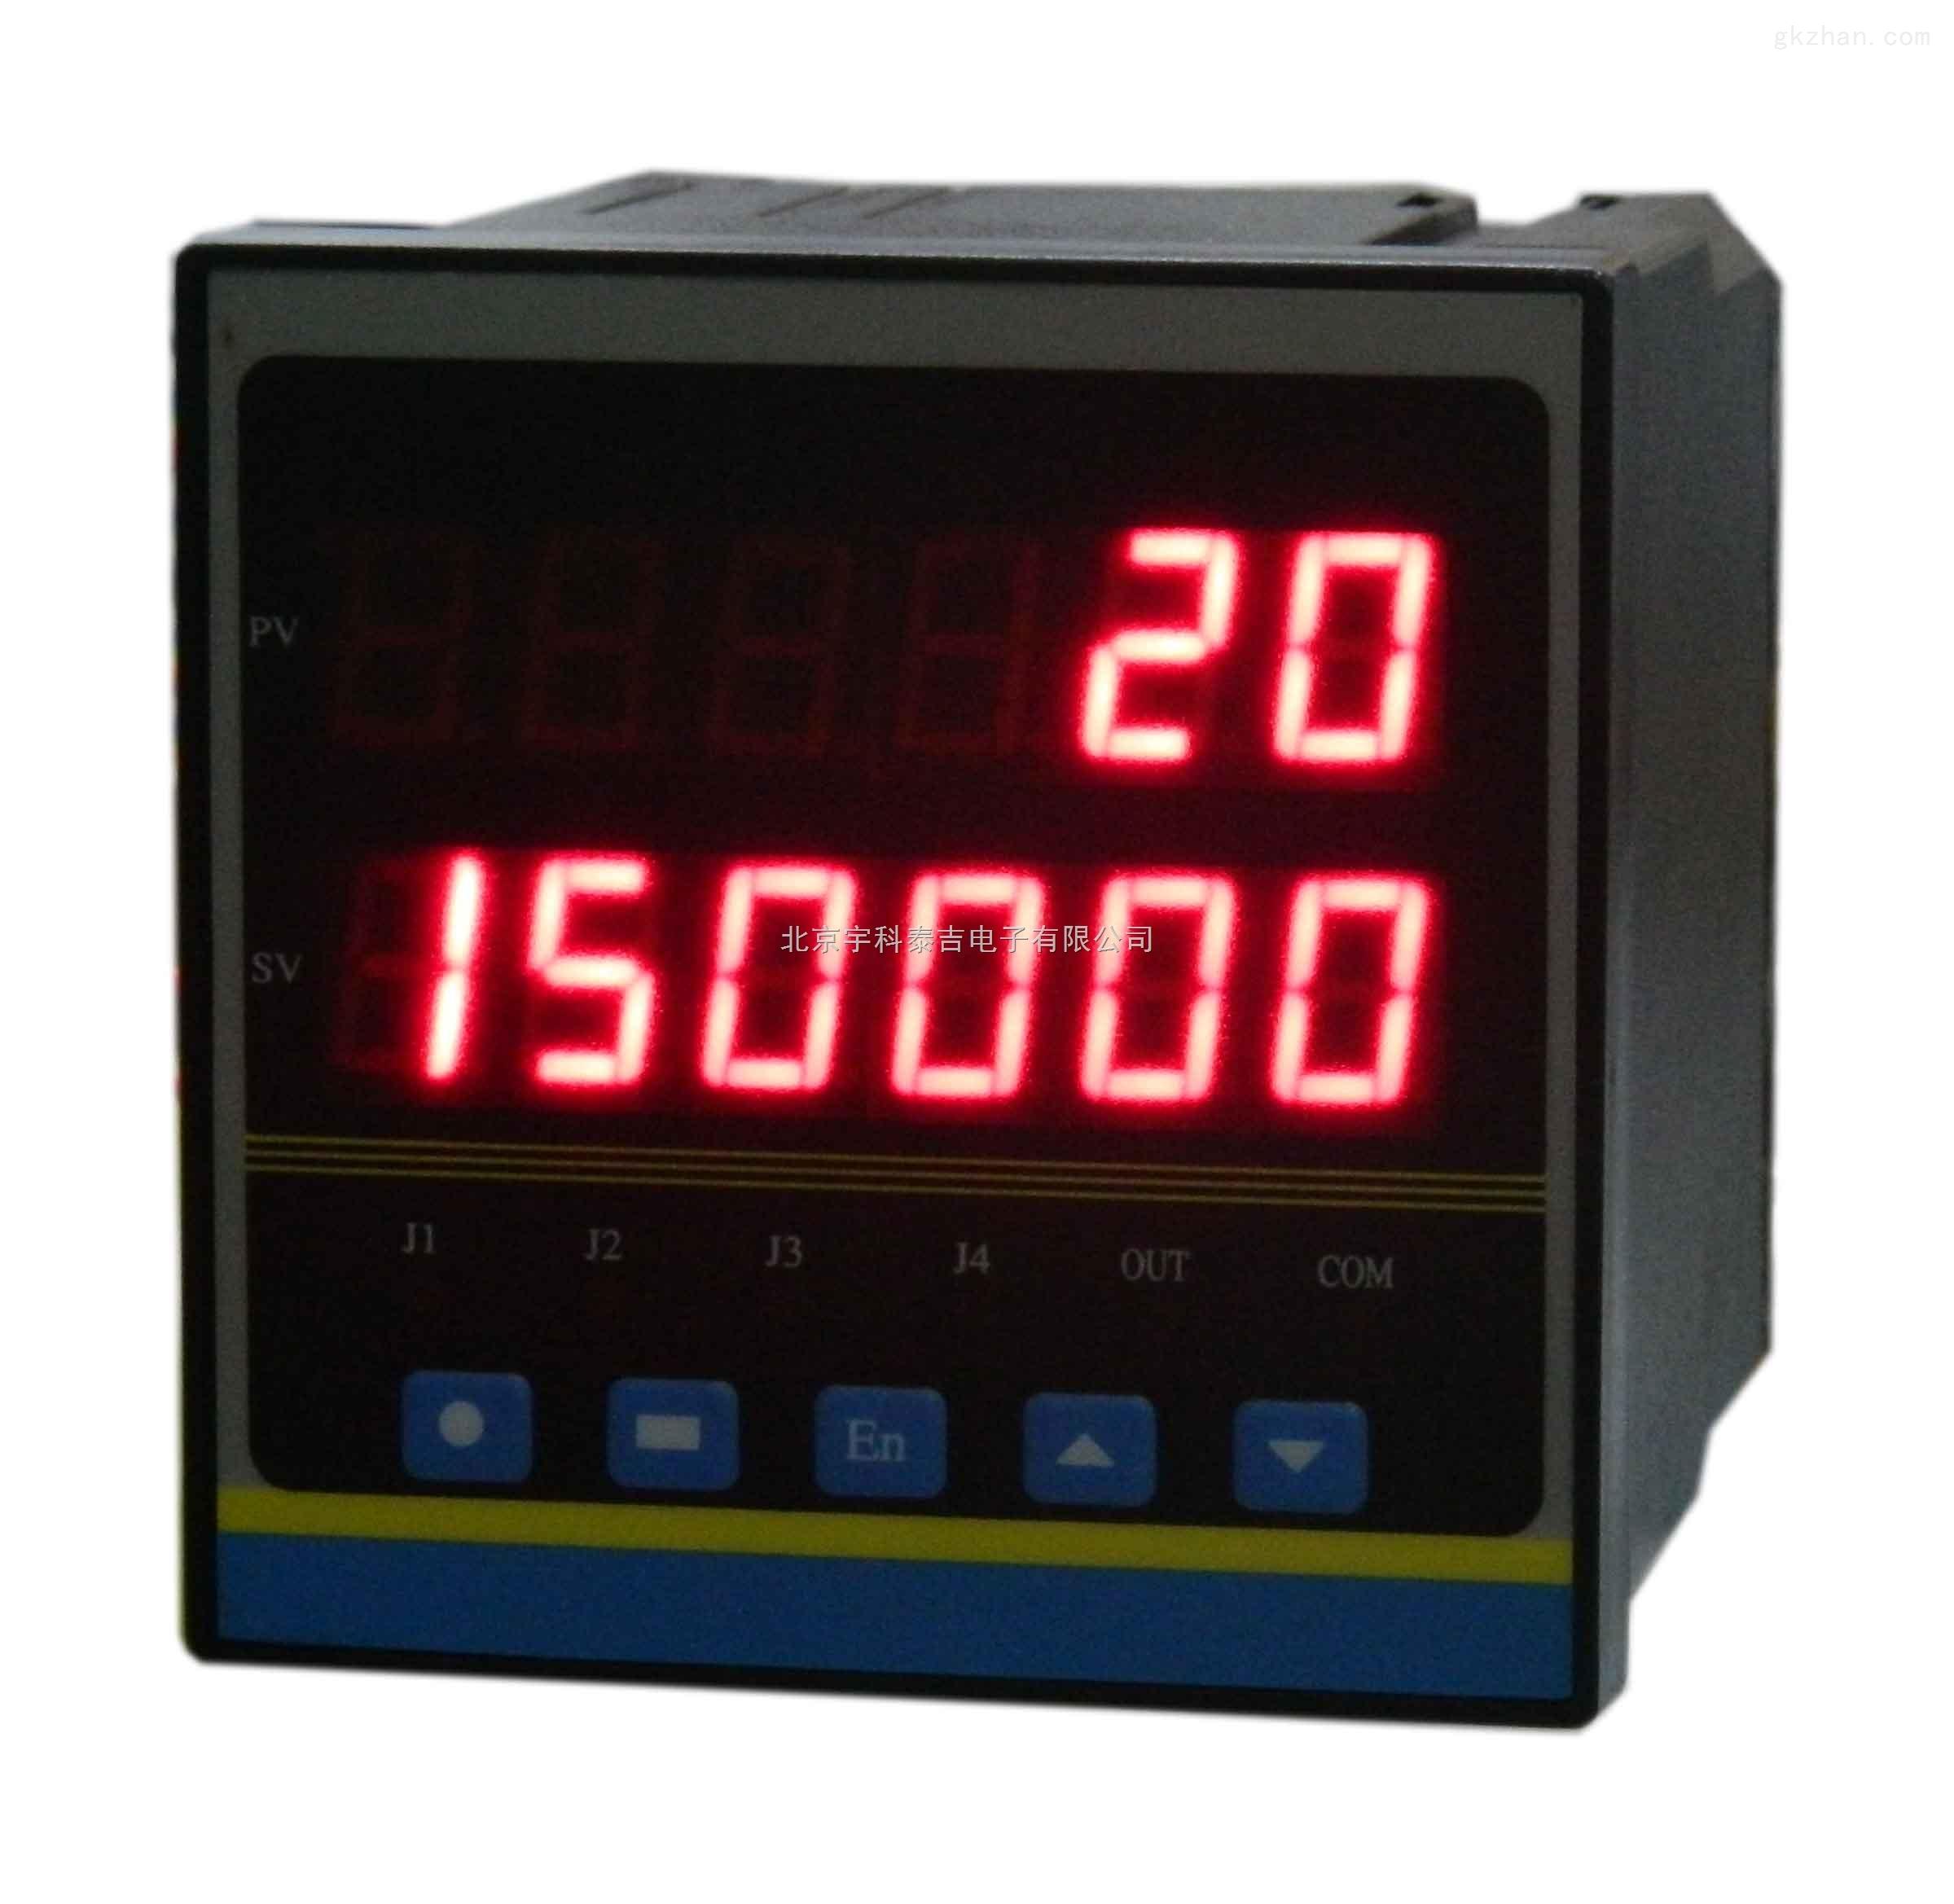 宇科泰吉YK-22B/L-J1-S智能通讯RS485控制定时器